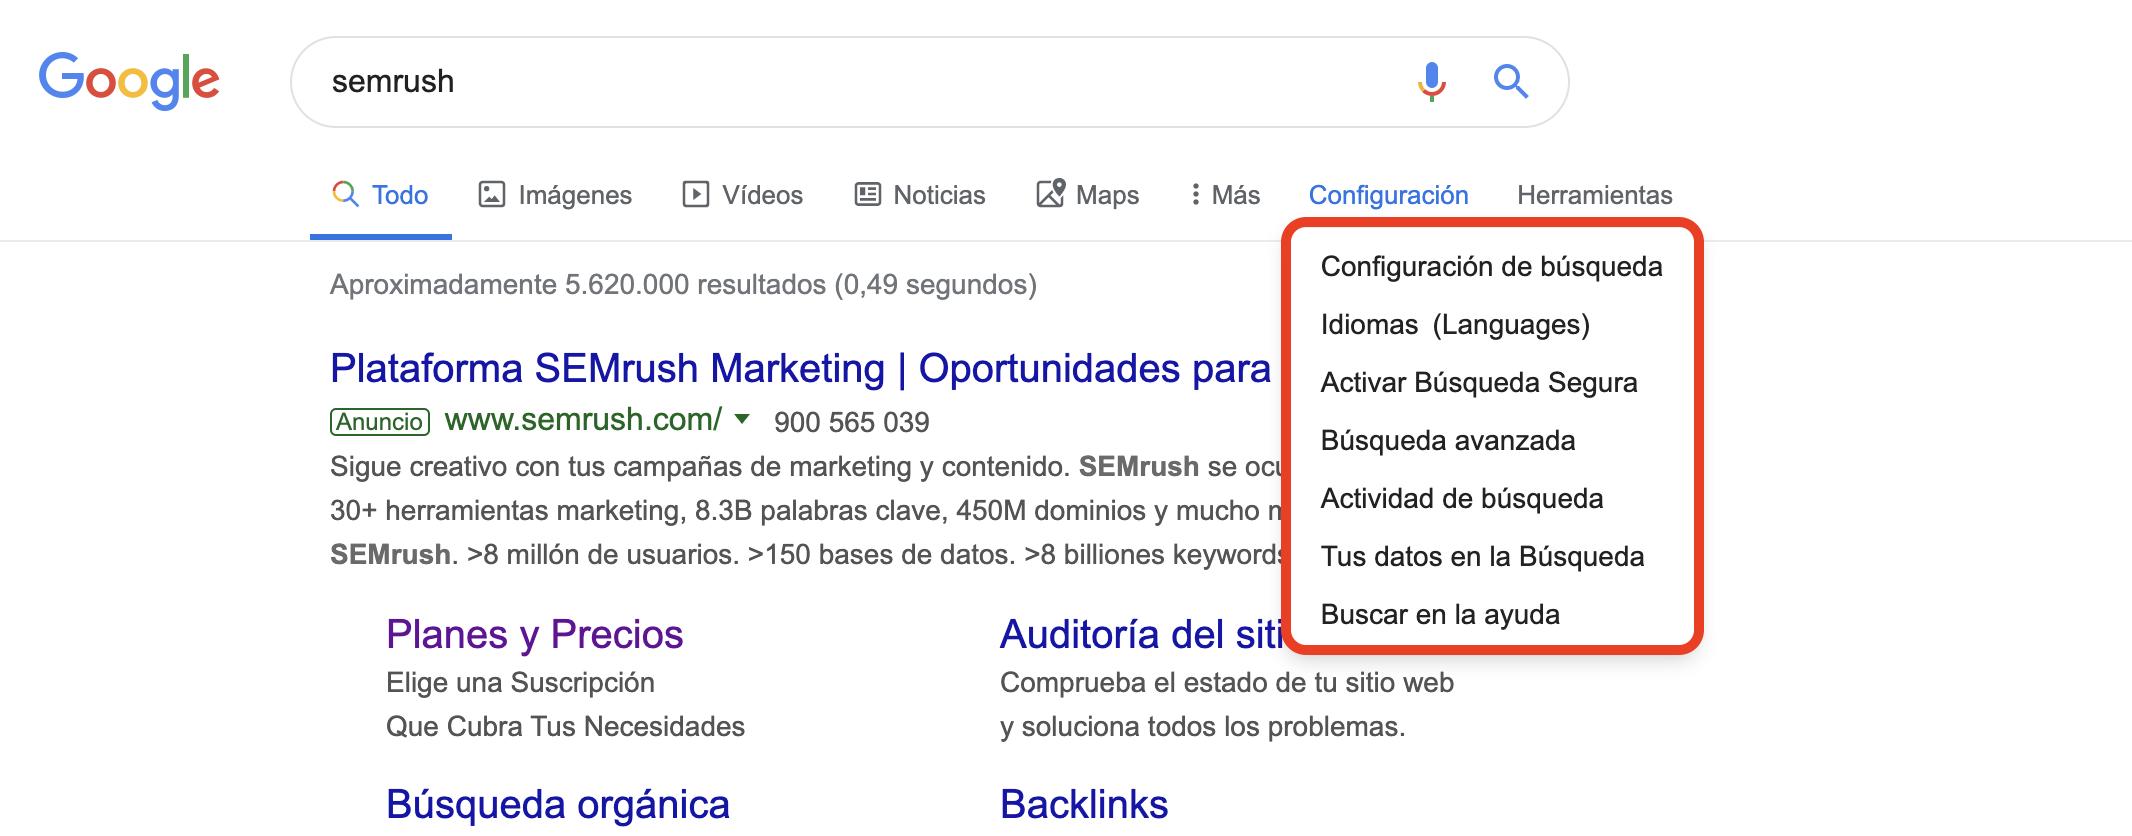 Búsqueda avanzada en Google - Configuración del buscador